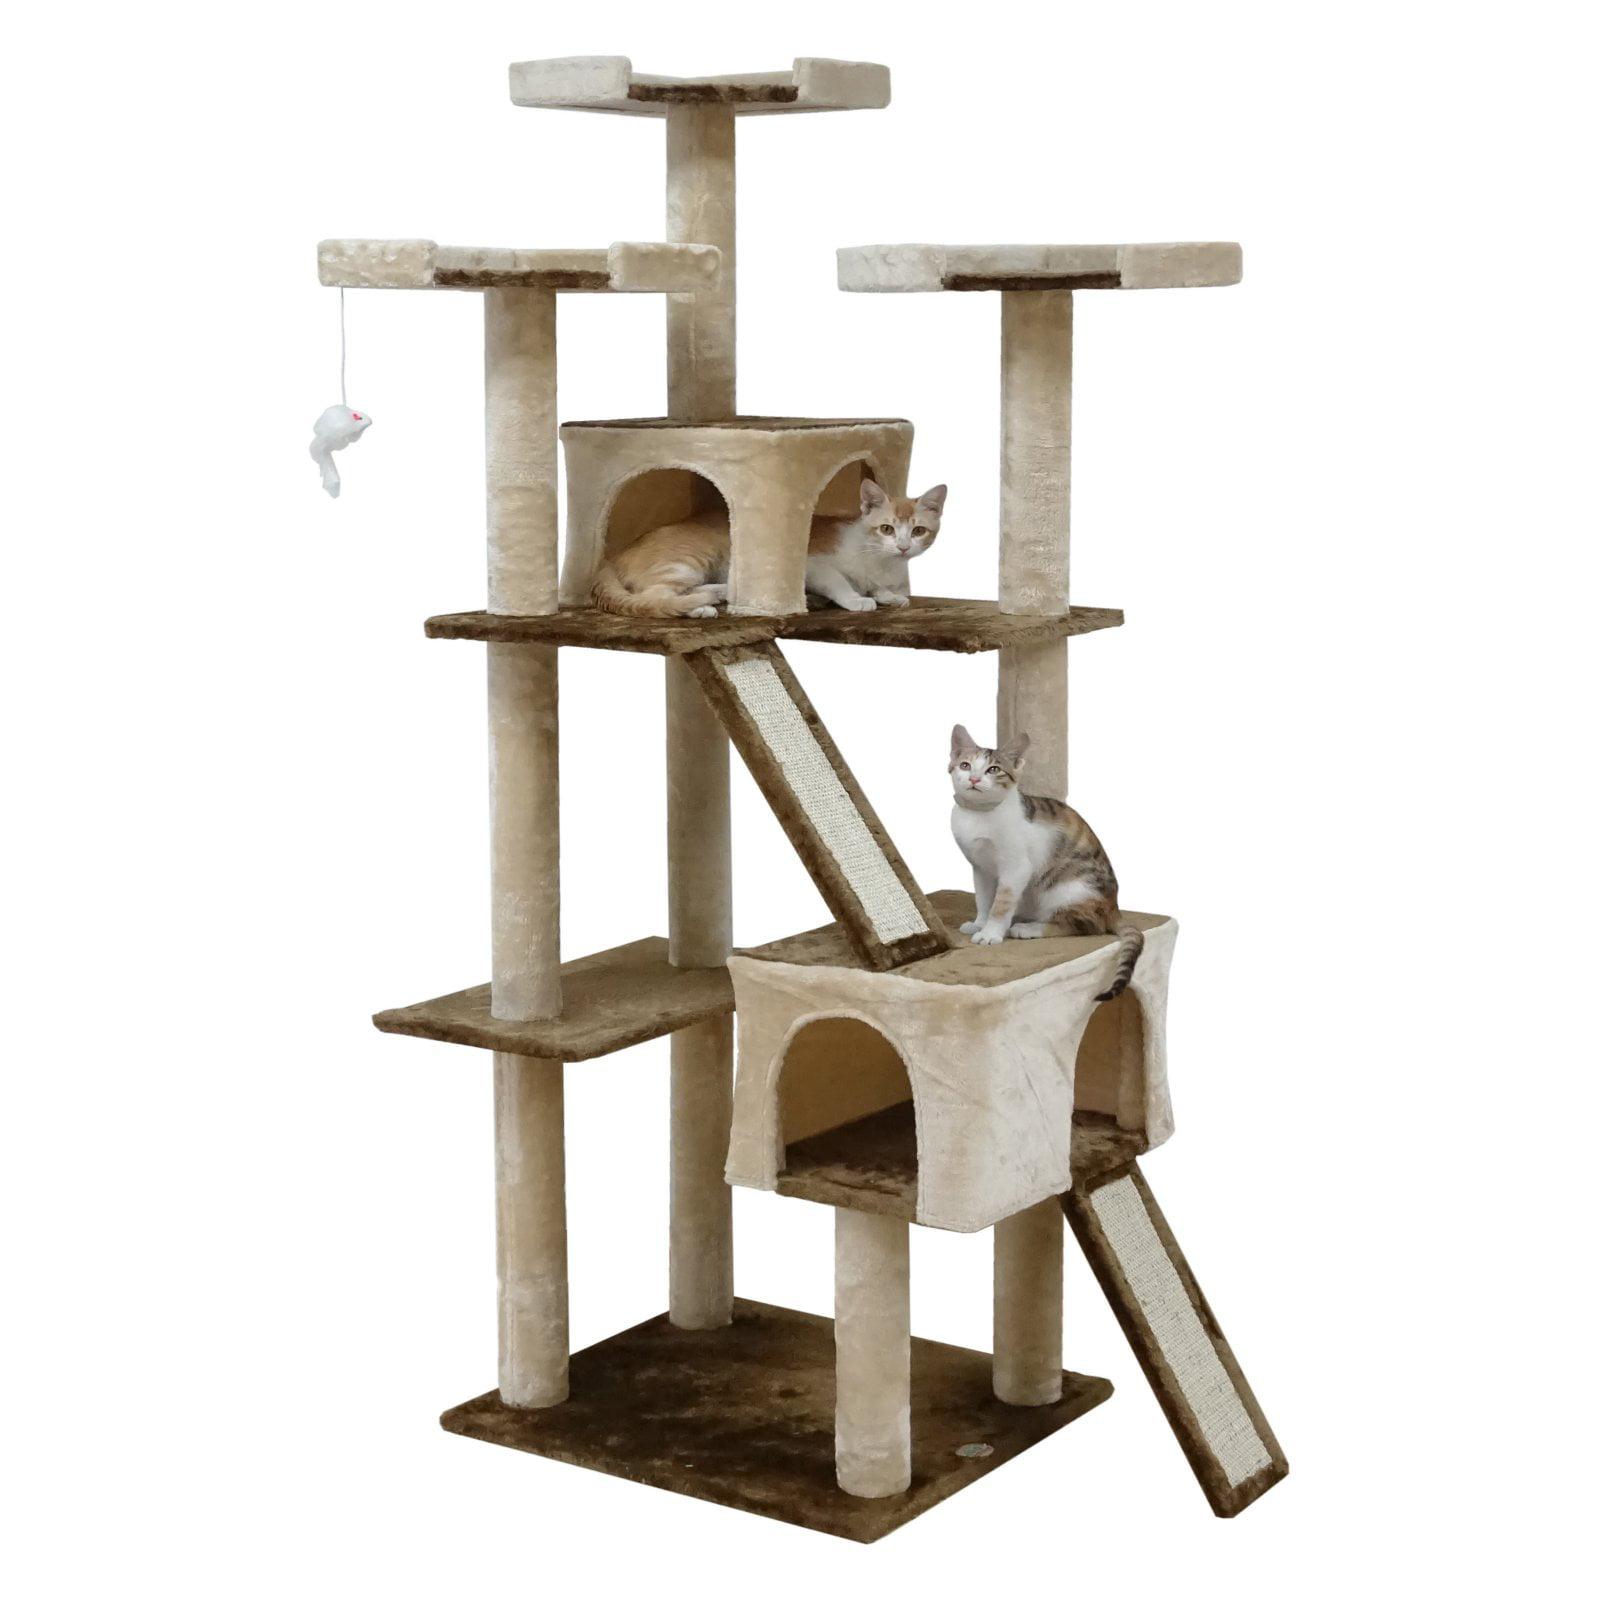 Go Pet Club 71 in. Cat Tree Condo